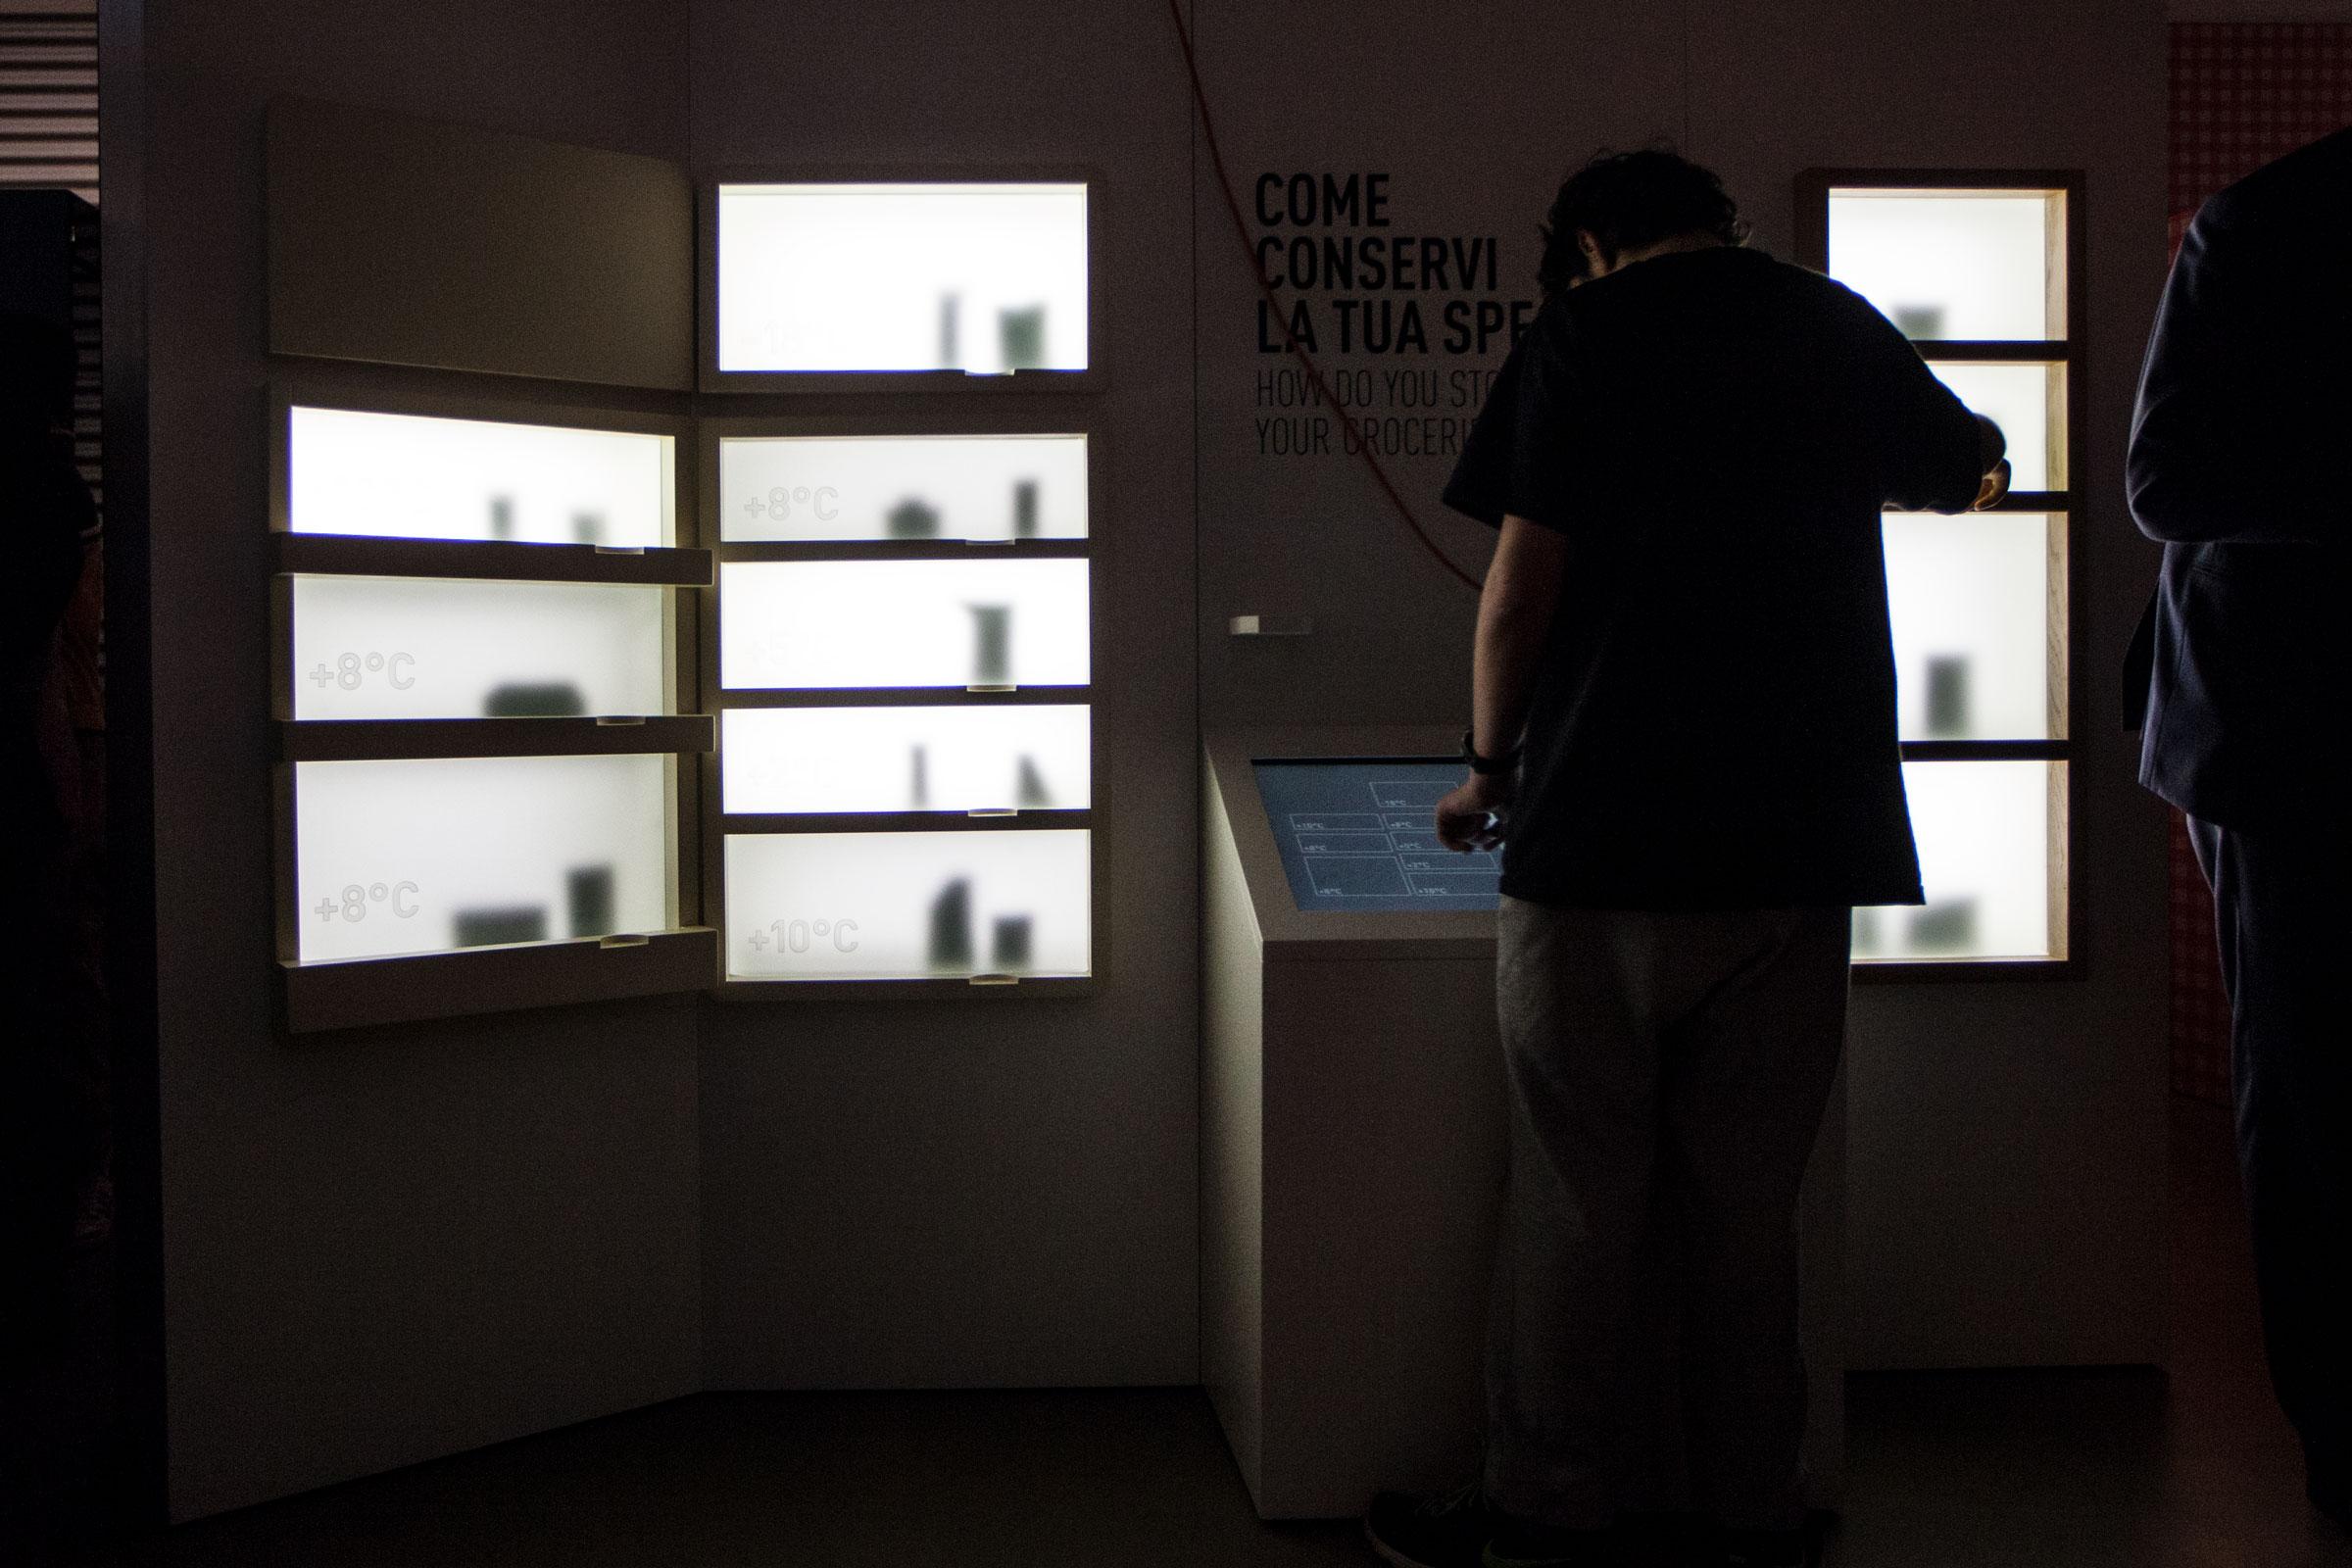 postazioni interattive museo scienza tecnica milano